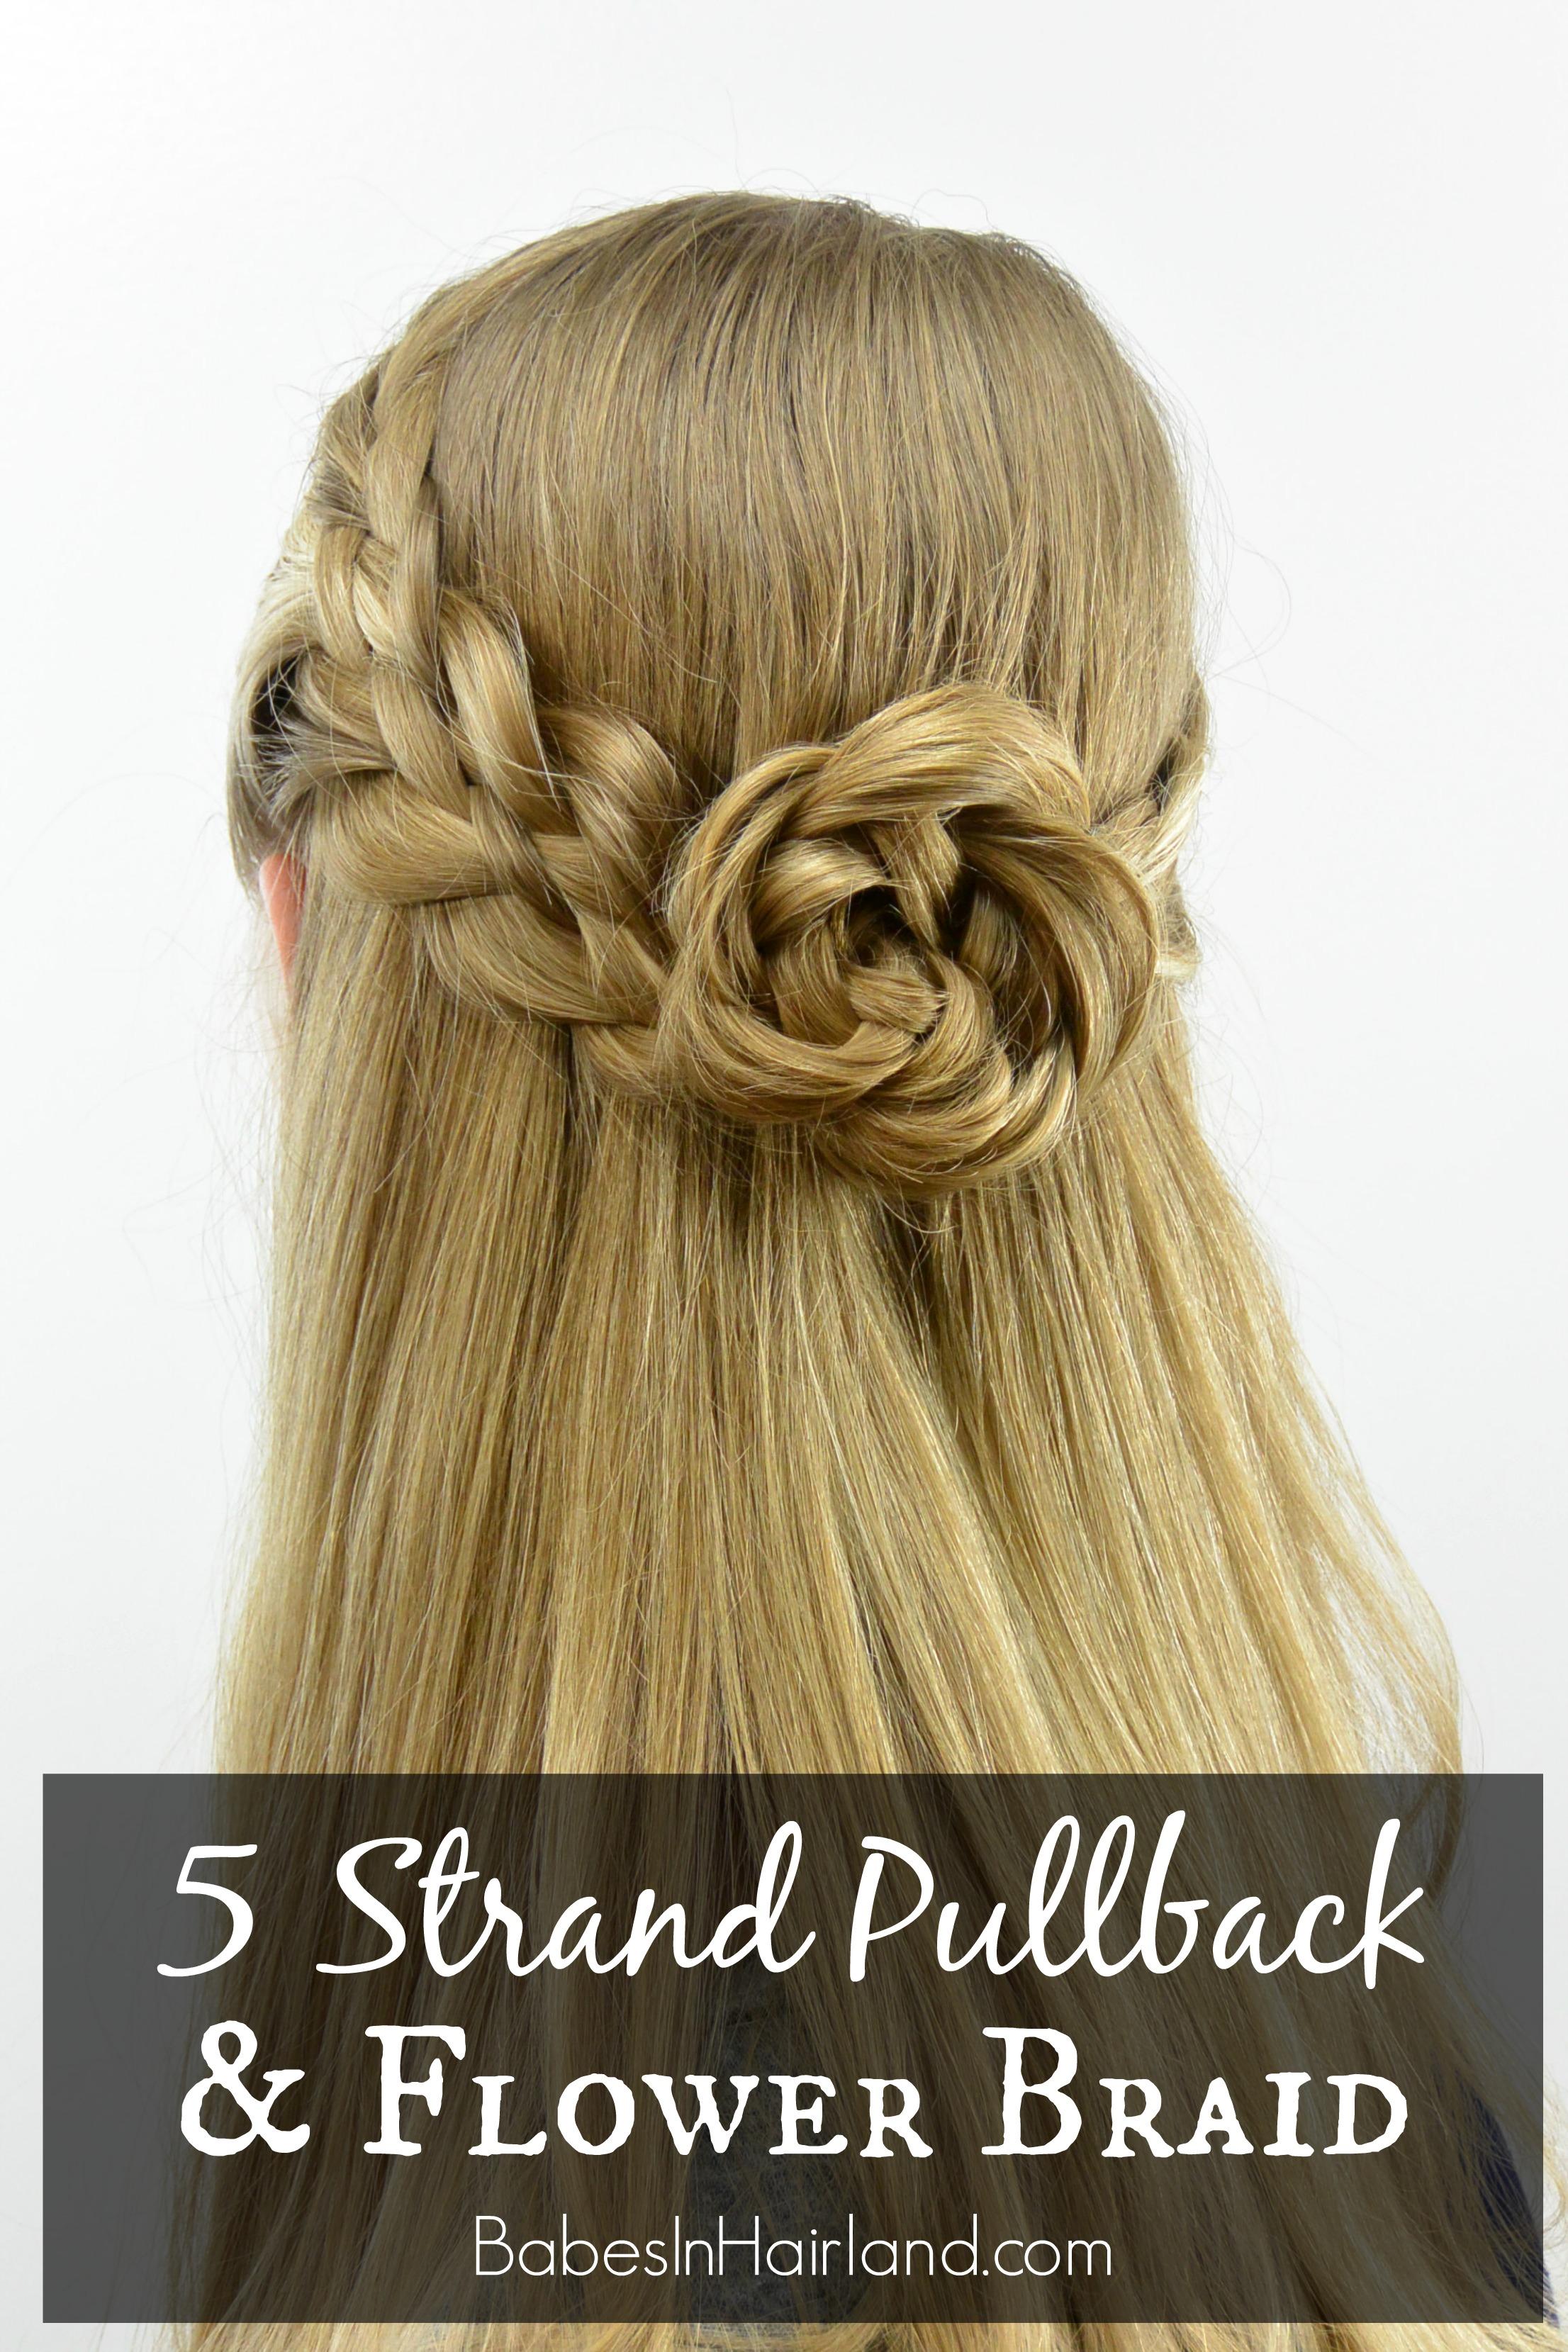 Peachy 5 Strand Pullback Amp Flower Braid Rosette Babes In Hairland Short Hairstyles Gunalazisus